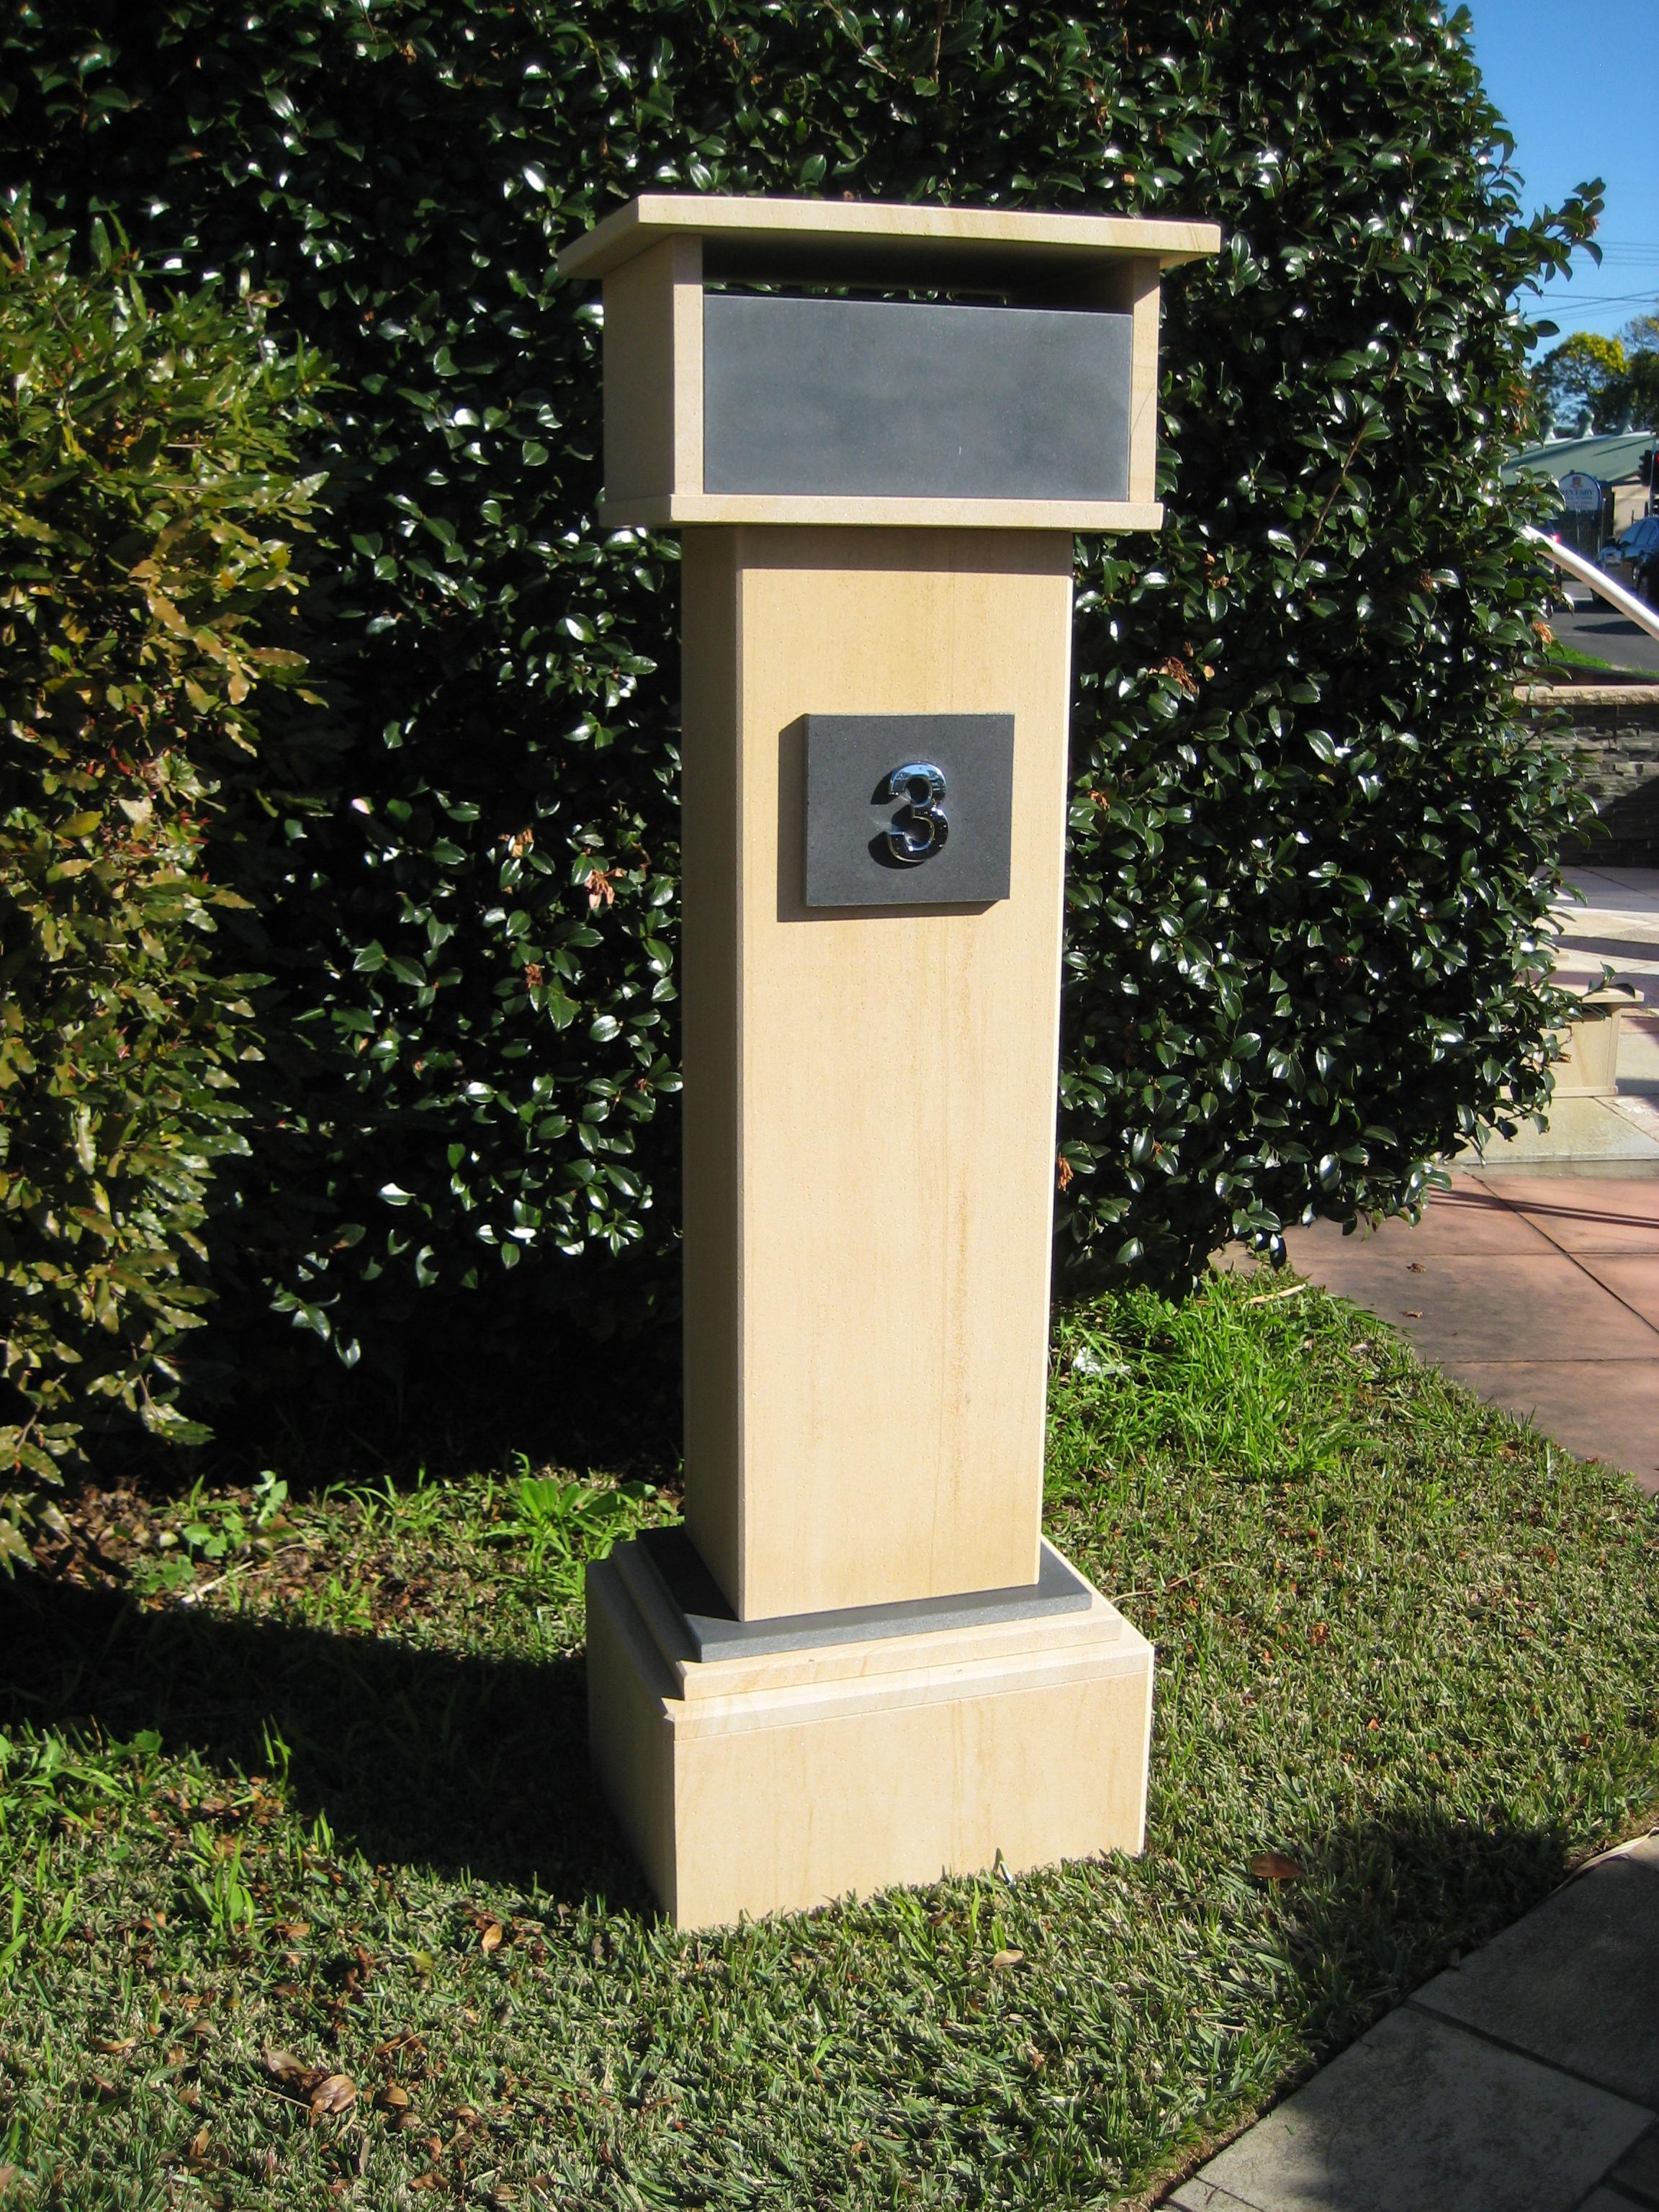 99. Extra tall letterbox, woodgrain sandstone. 1060 tall, dimentions 1250x400x300 $780